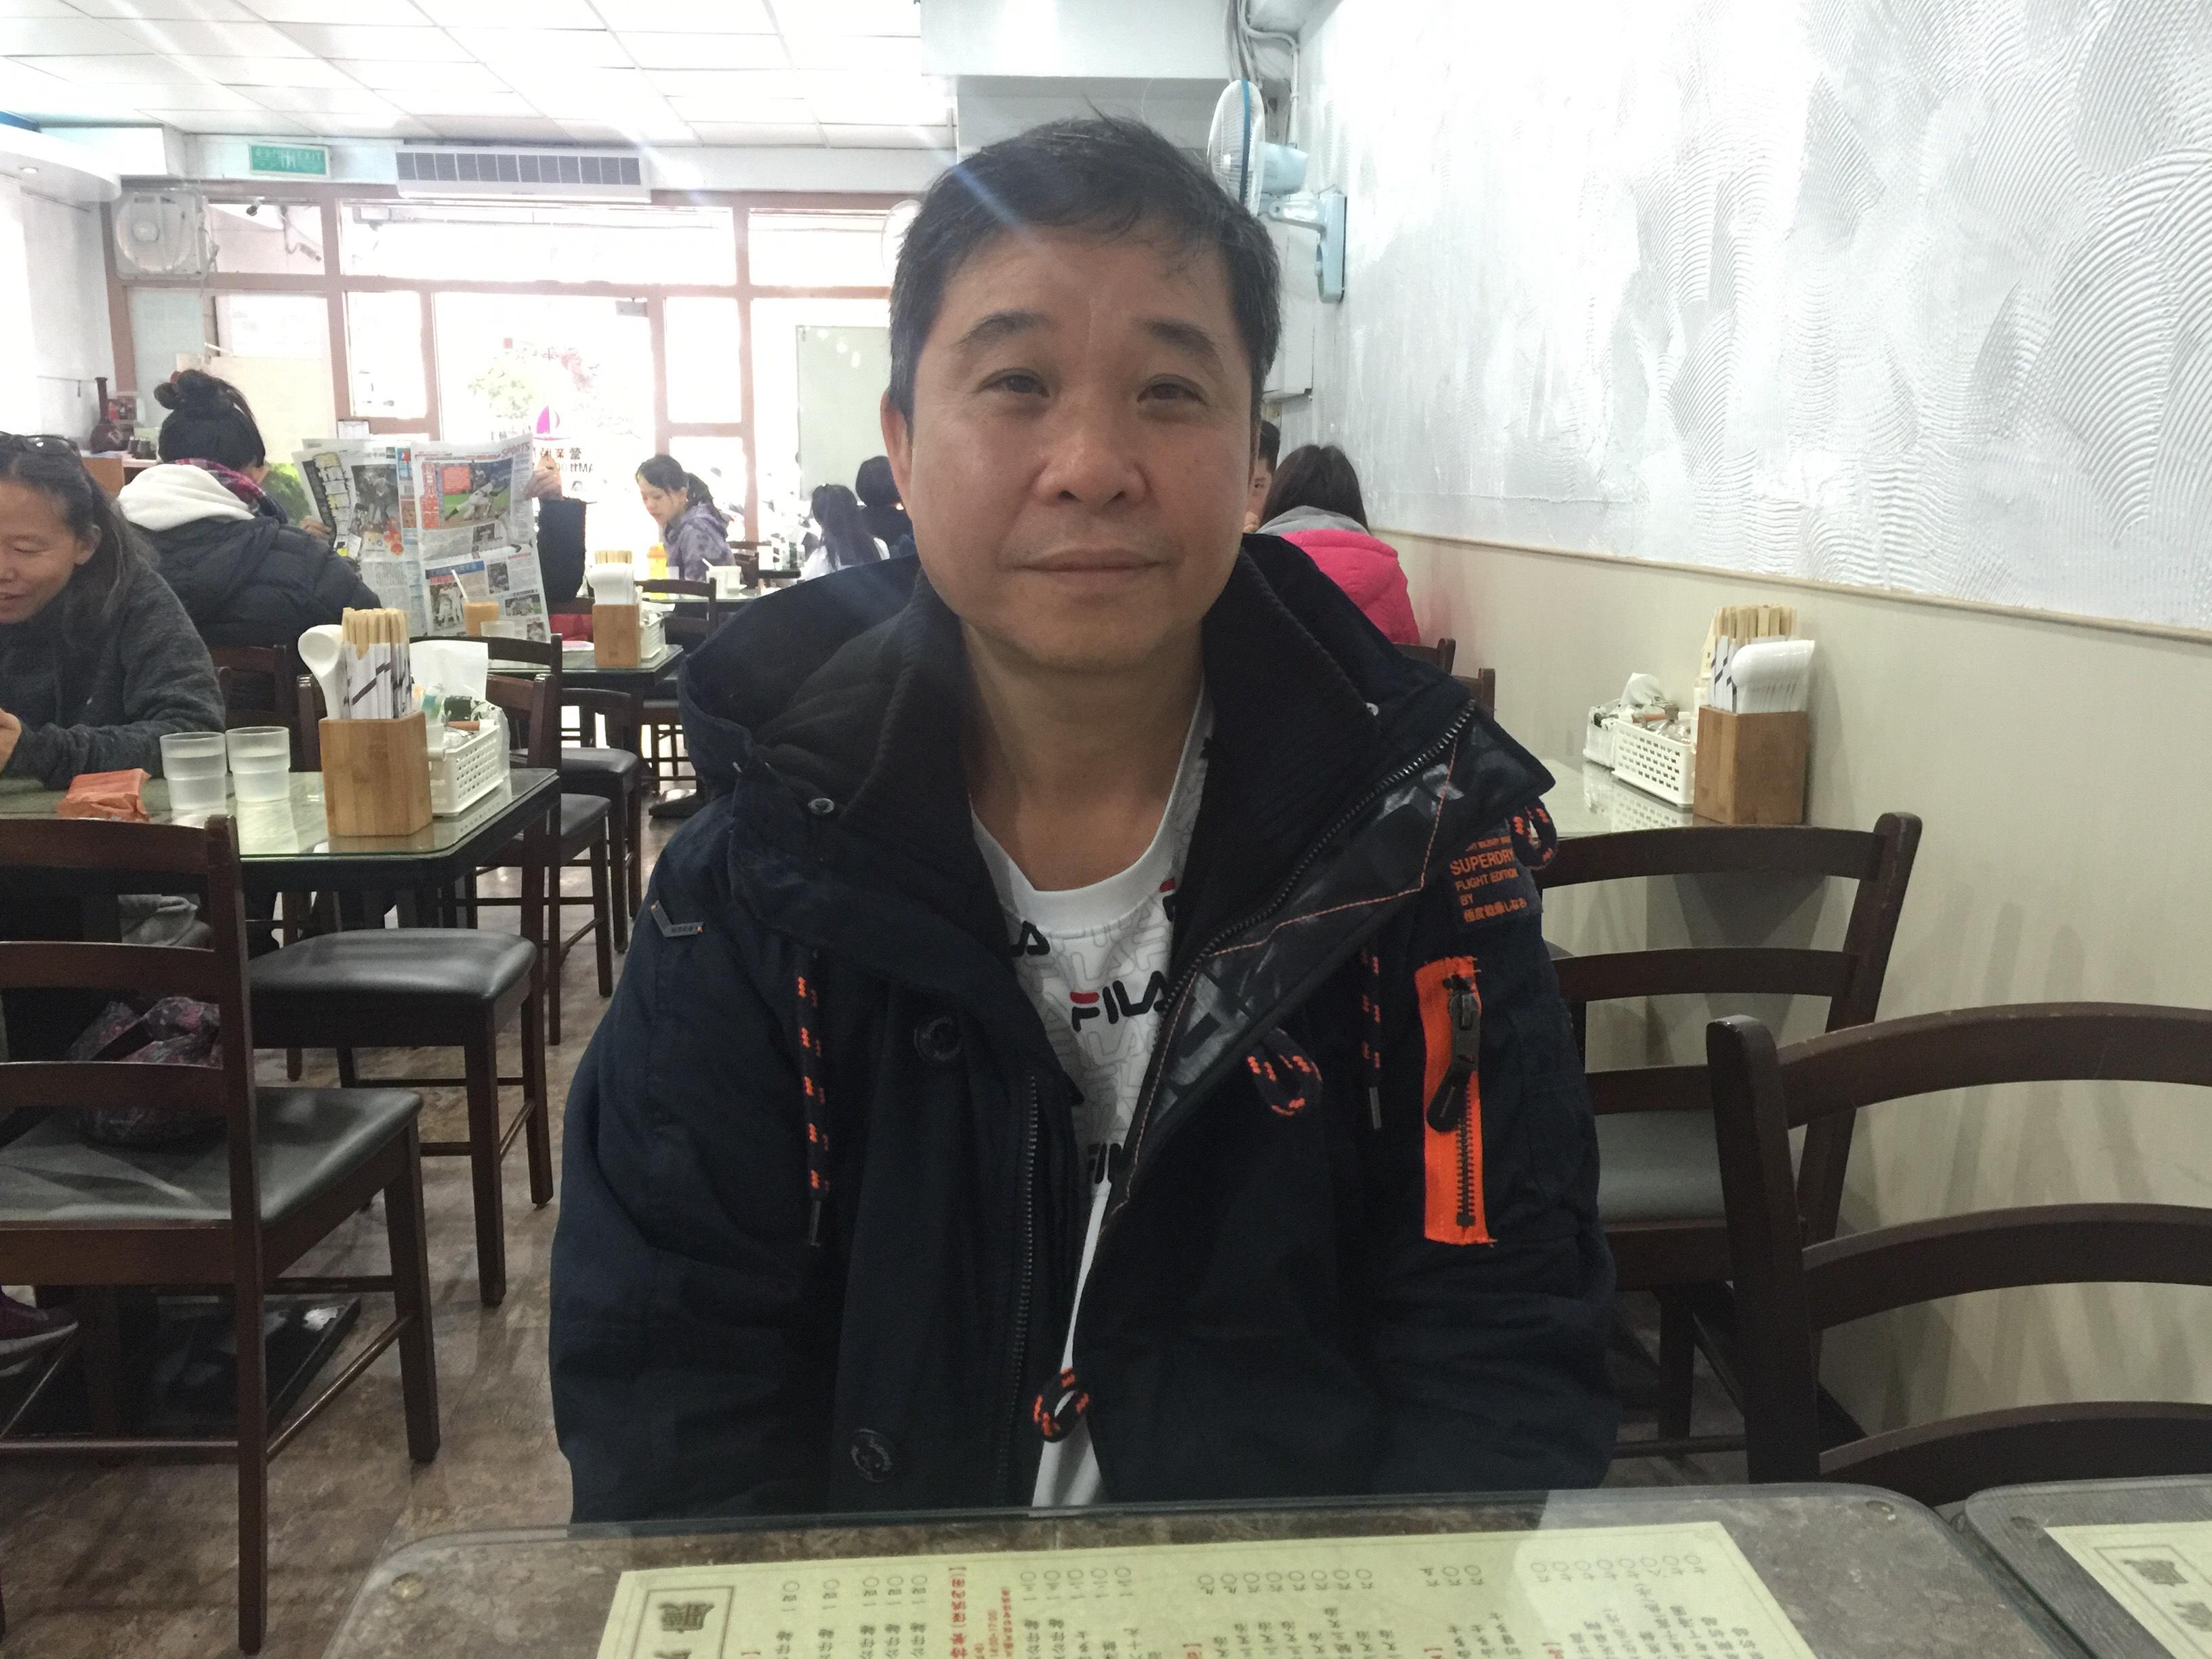 鑫華茶餐聽創辦人郭坤明。攝影/蘇蓉